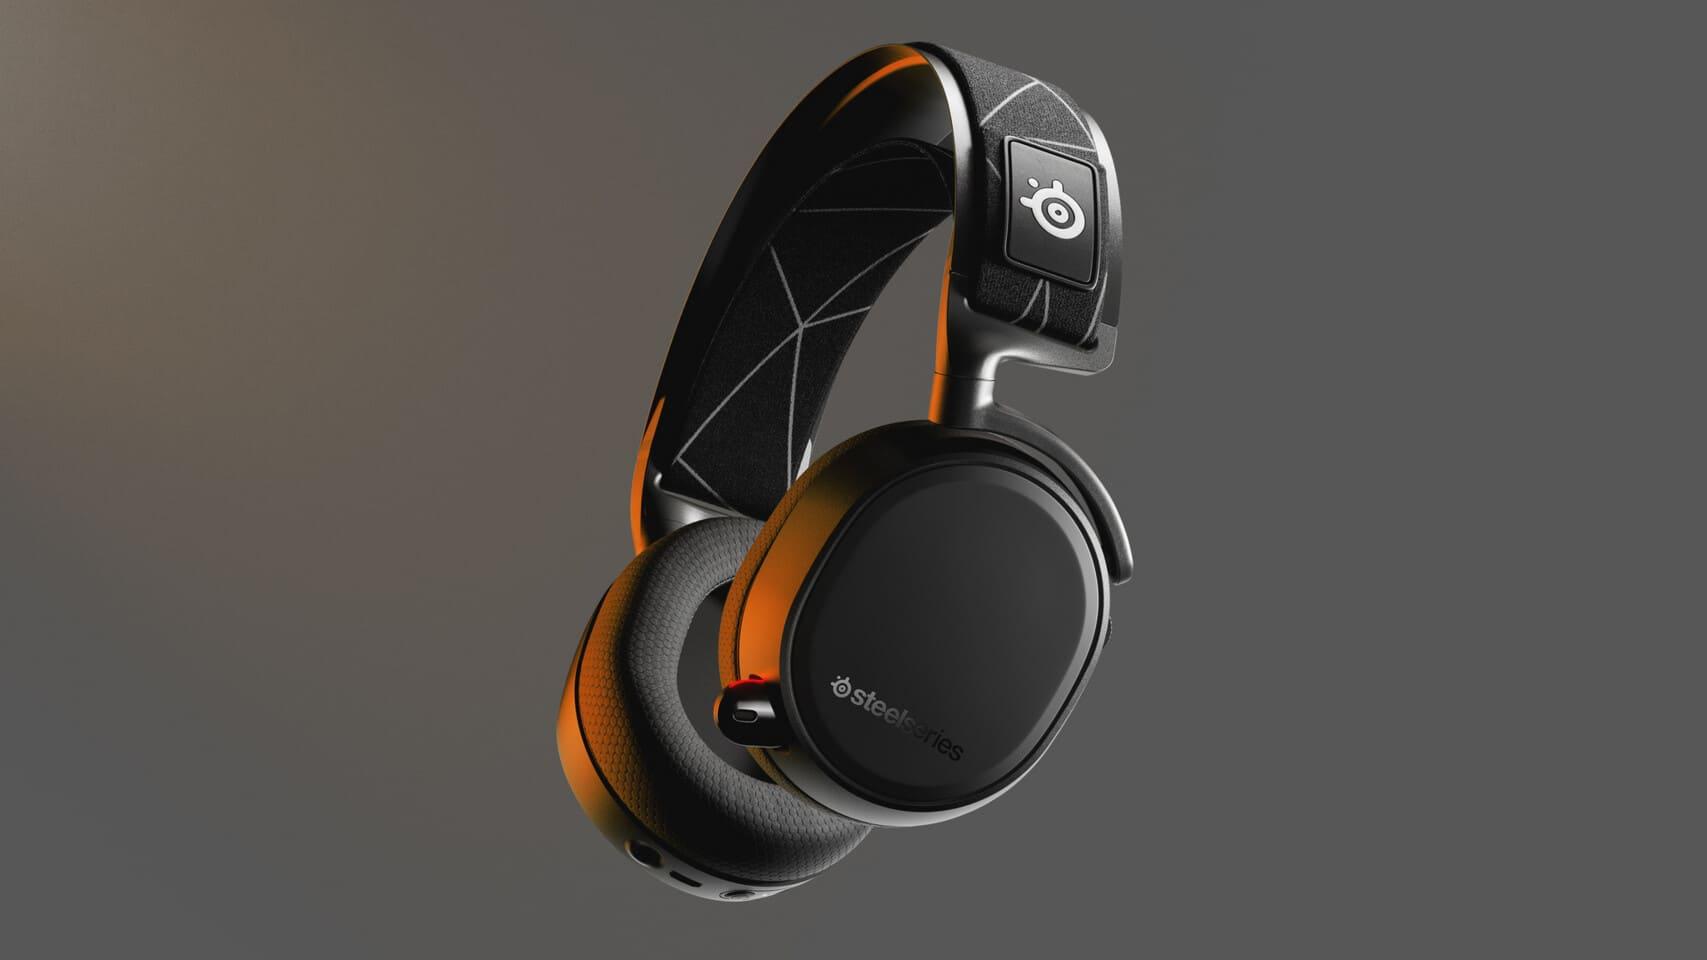 [GIỚI THIỆU] - SteelSeries ra mắt tai nghe không mới dành cho PC và PlayStation - Arctis 9 Dual Wireless